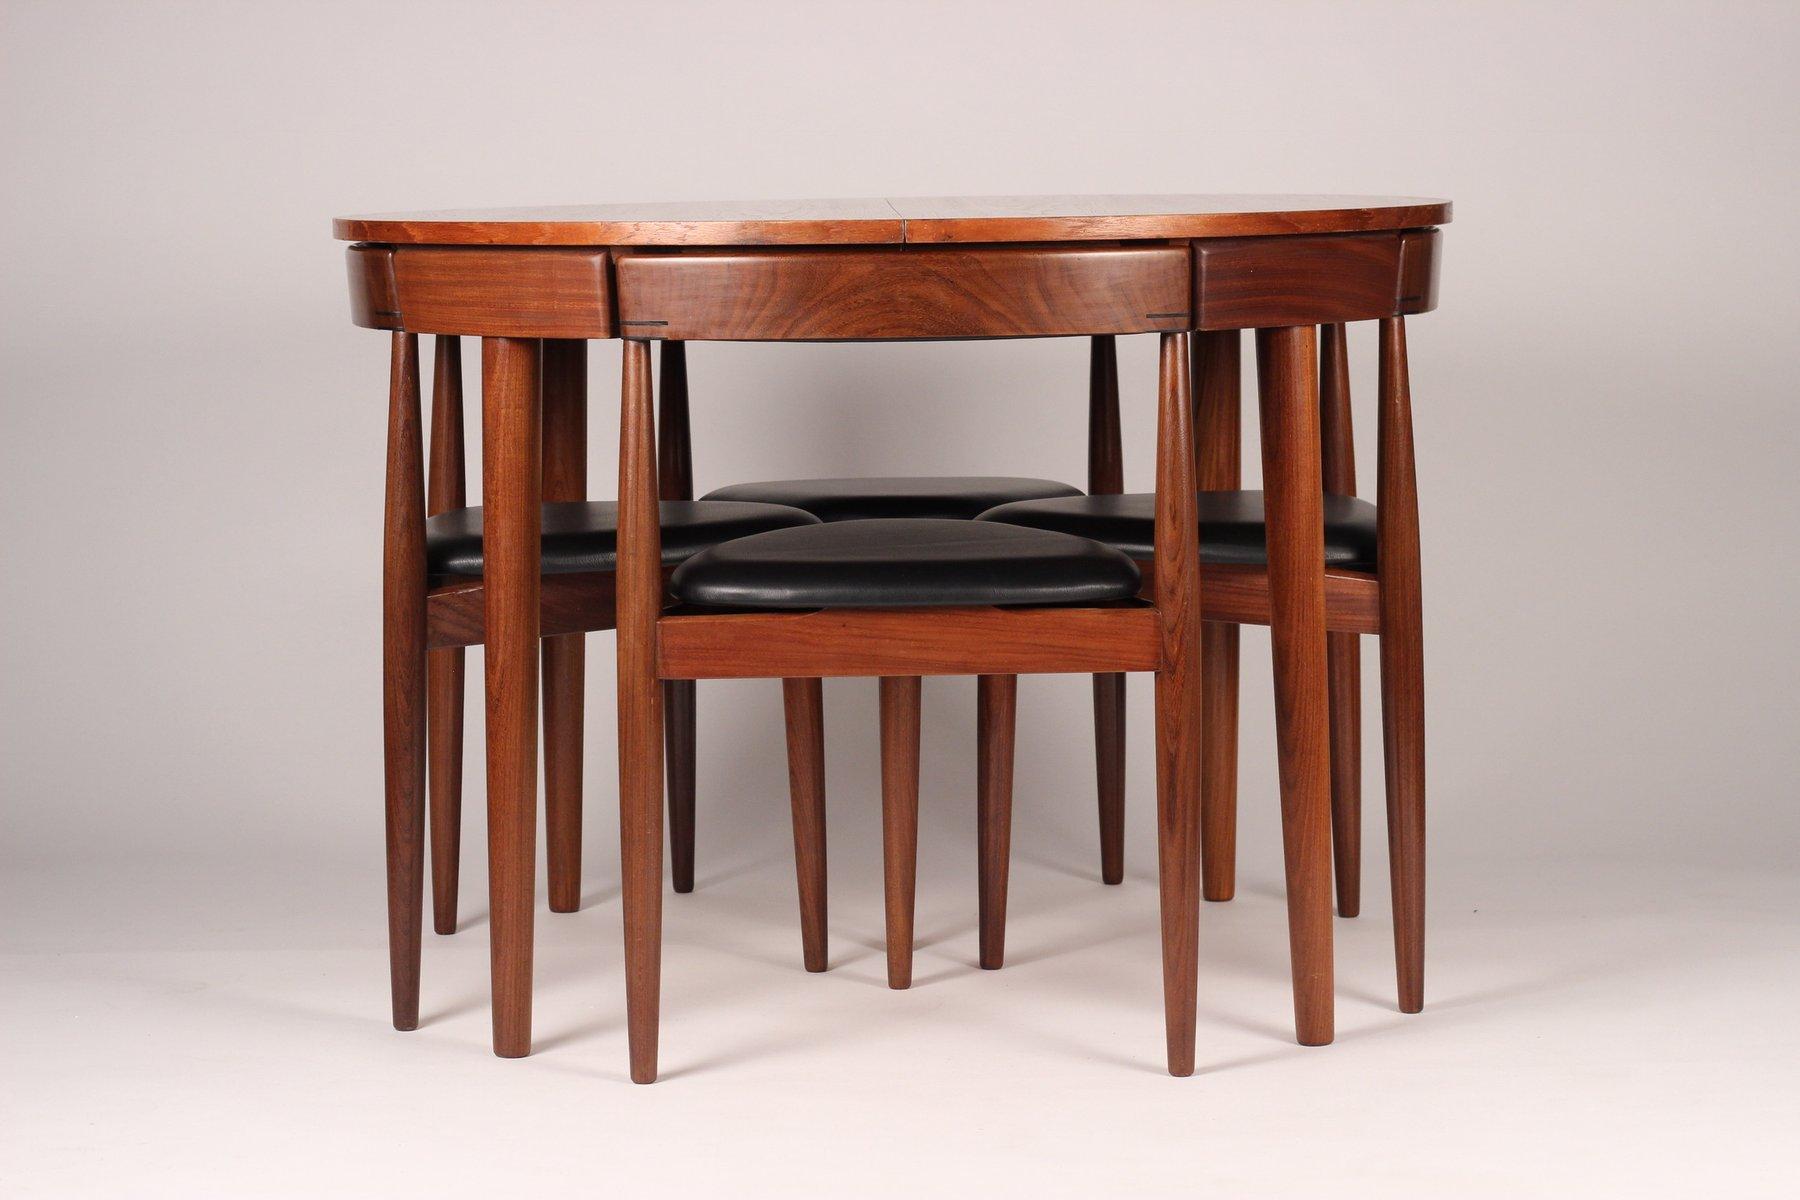 ausziehbarer esstisch mit 6 st hle von hans olsen f r frem r jle 1950er bei pamono kaufen. Black Bedroom Furniture Sets. Home Design Ideas